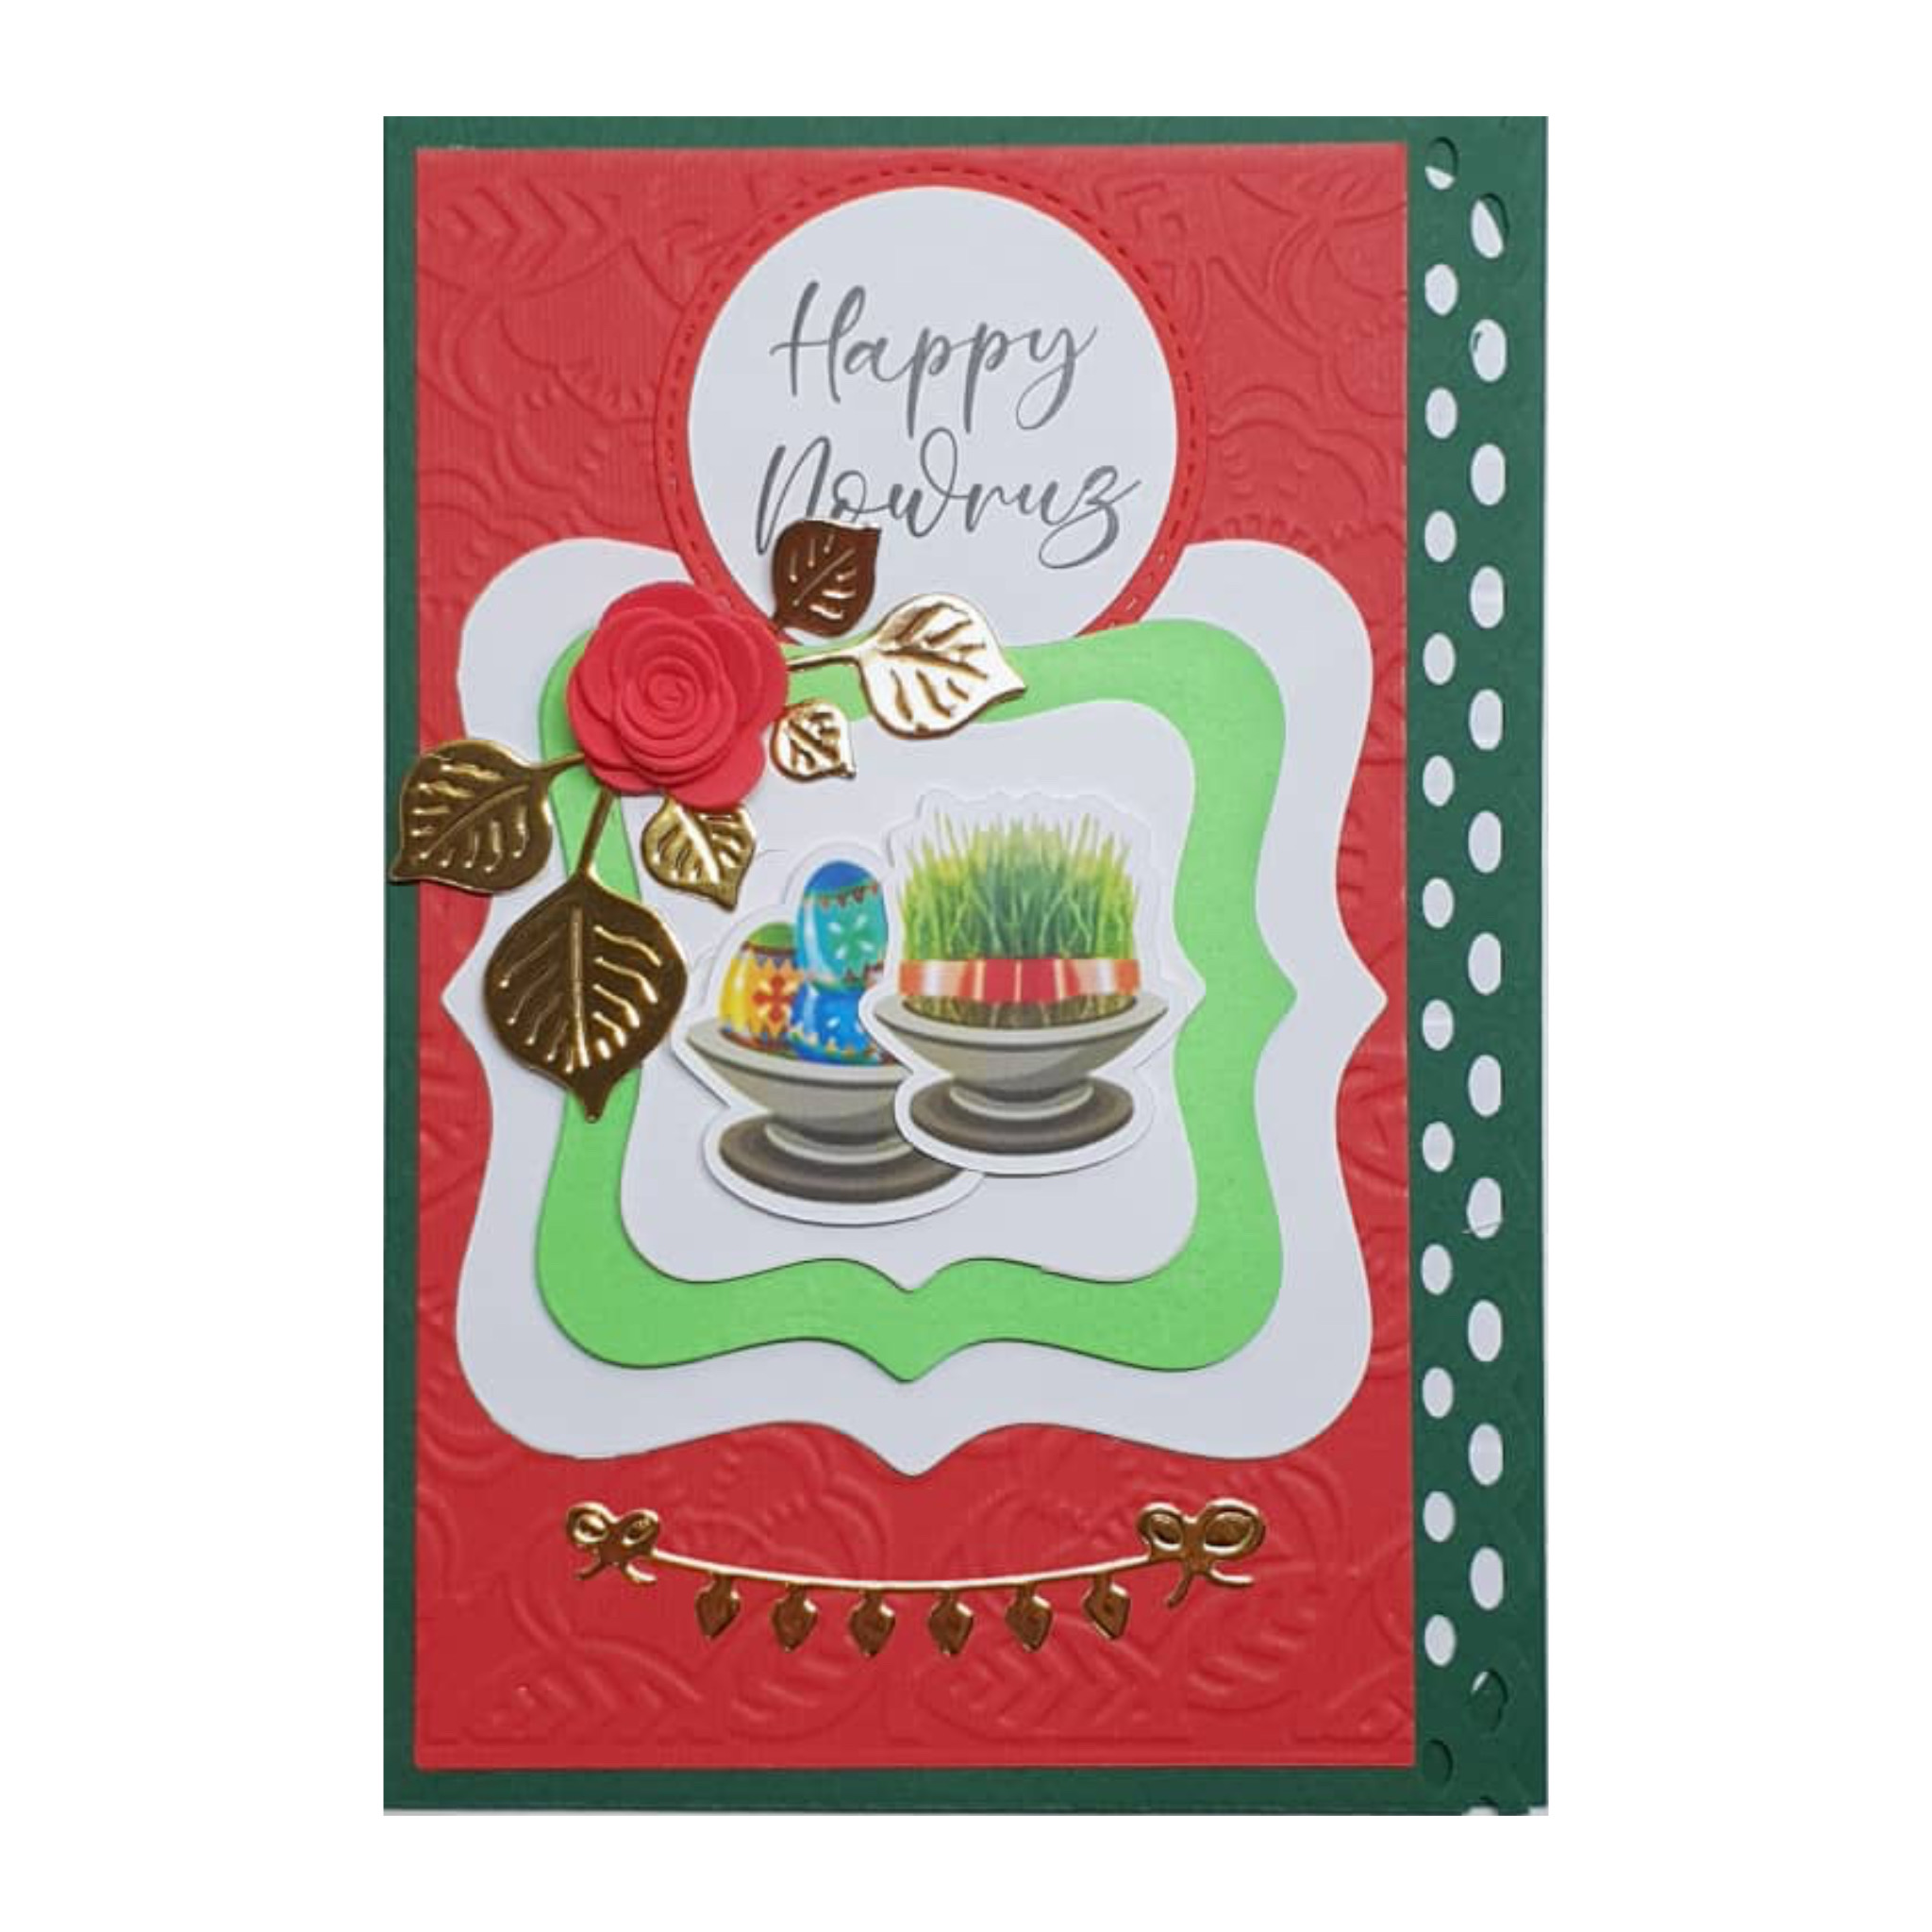 کارت پستال مدل سال نو ۱۴۰۰ طرح نوروز کد ۱